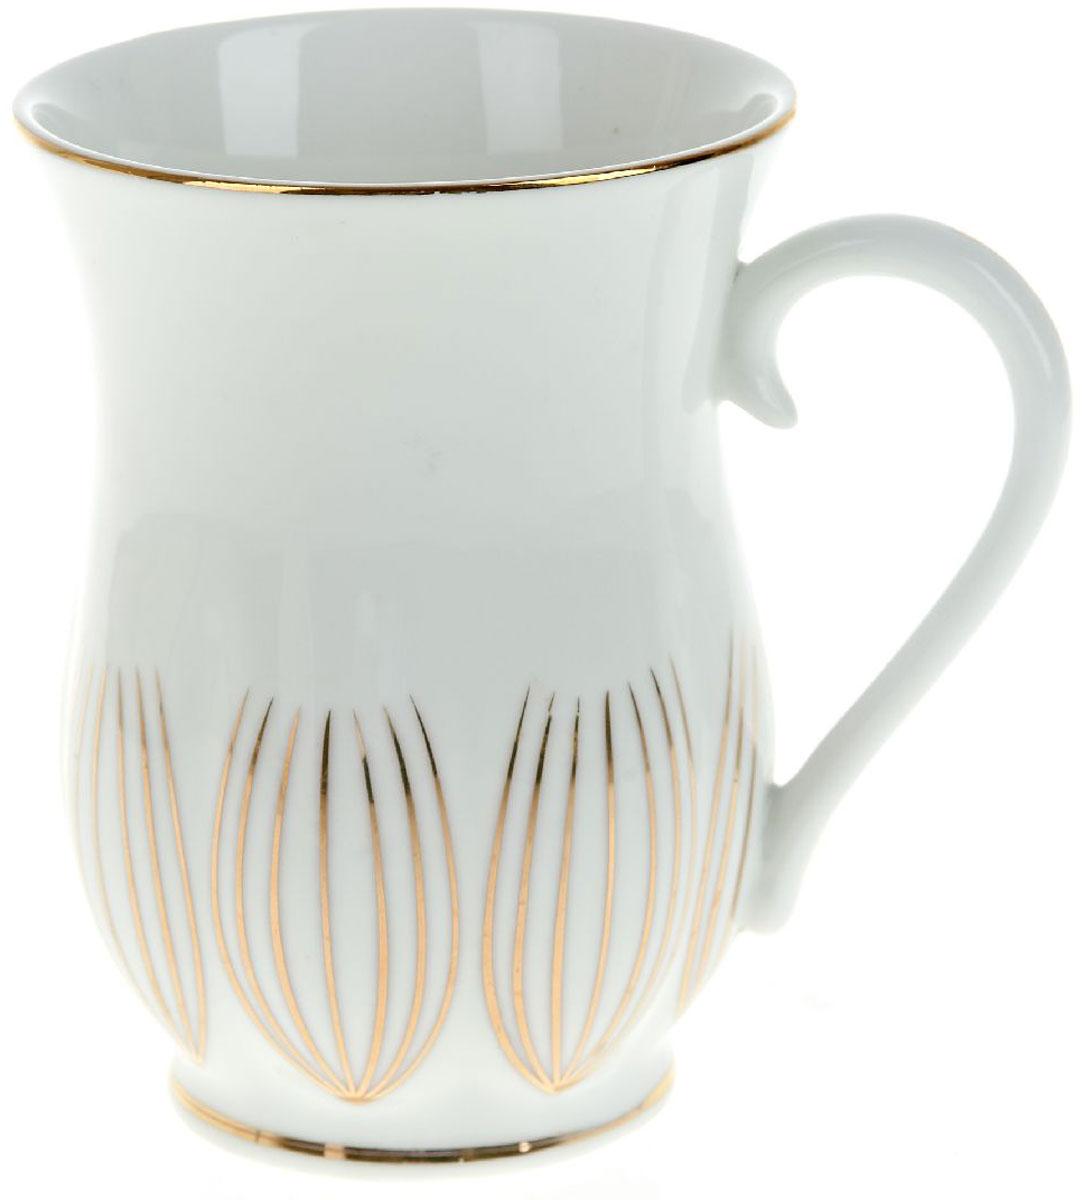 Кружка BHP Грация, 400 млM1490113Оригинальная кружка Best Home Porcelain, выполненная из высококачественного фарфора, сочетает в себе простой, утонченный дизайн с максимальной функциональностью. Оригинальность оформления придутся по вкусу тем, кто ценит индивидуальность. В комплект входит кружка. Можно использовать в ПММ.